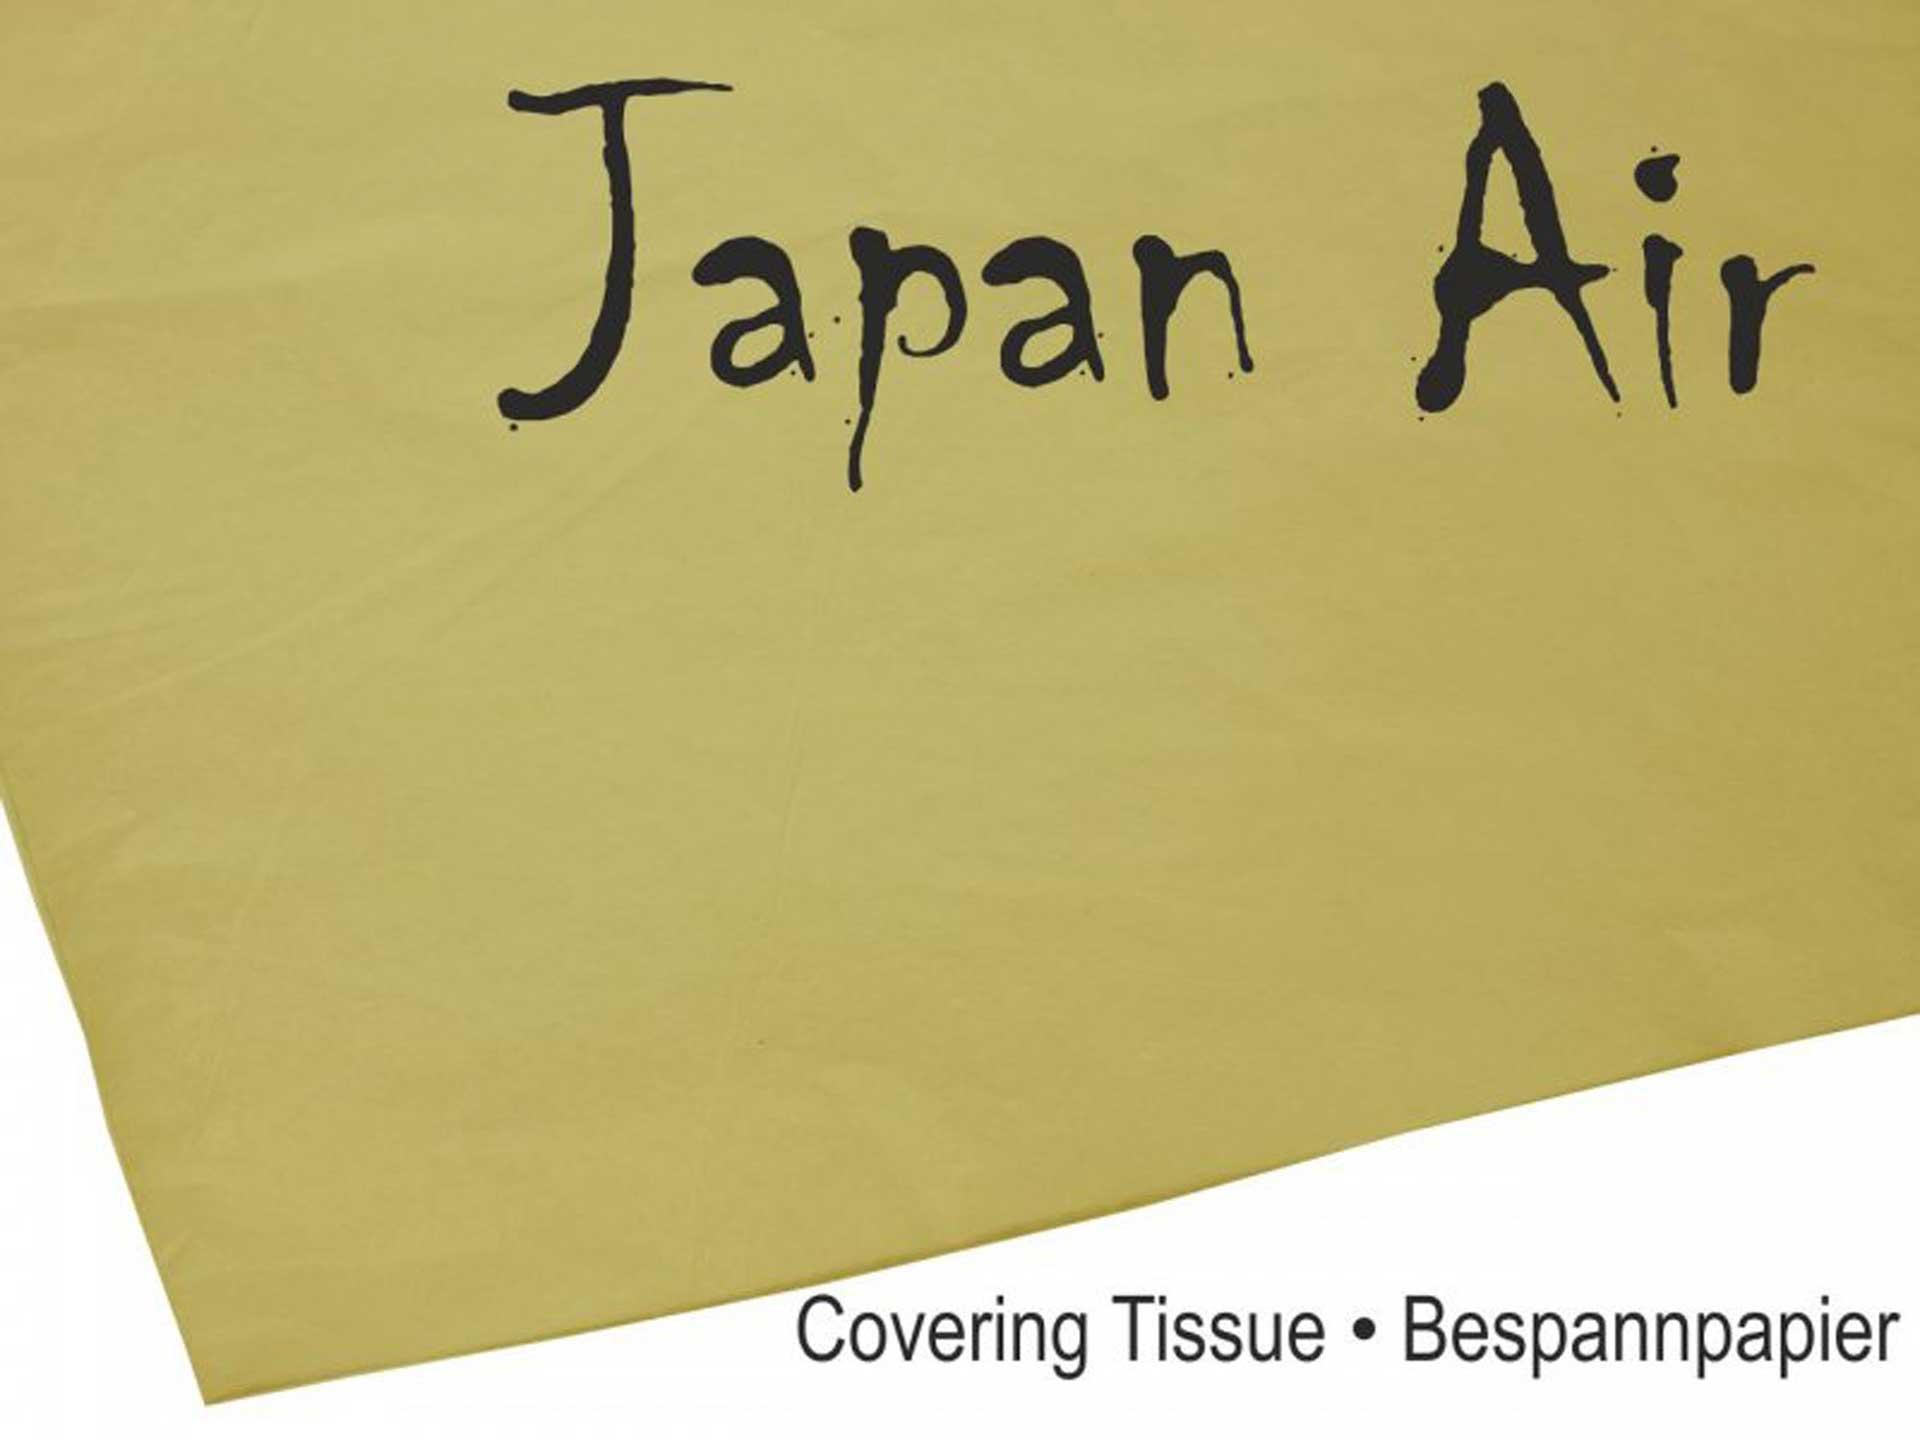 MODELLBAU LINDINGER JAPAN AIR Bespannpapier 16g braun 500 x 750 mm 10Stk. gerollt